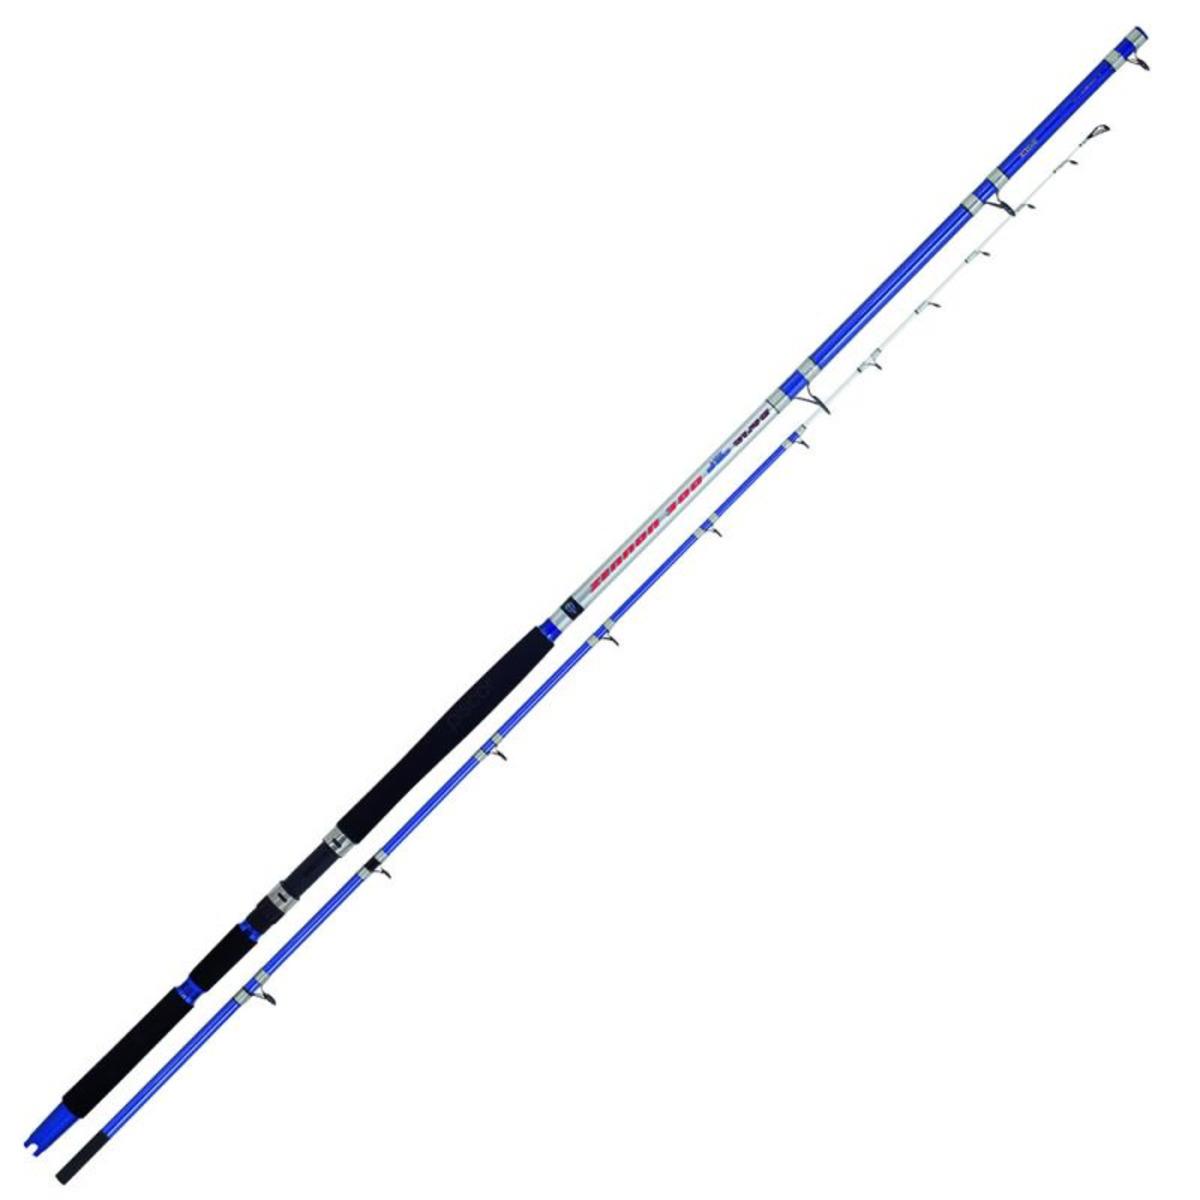 Colmic Zennon - 2.70 m - 100-500 g